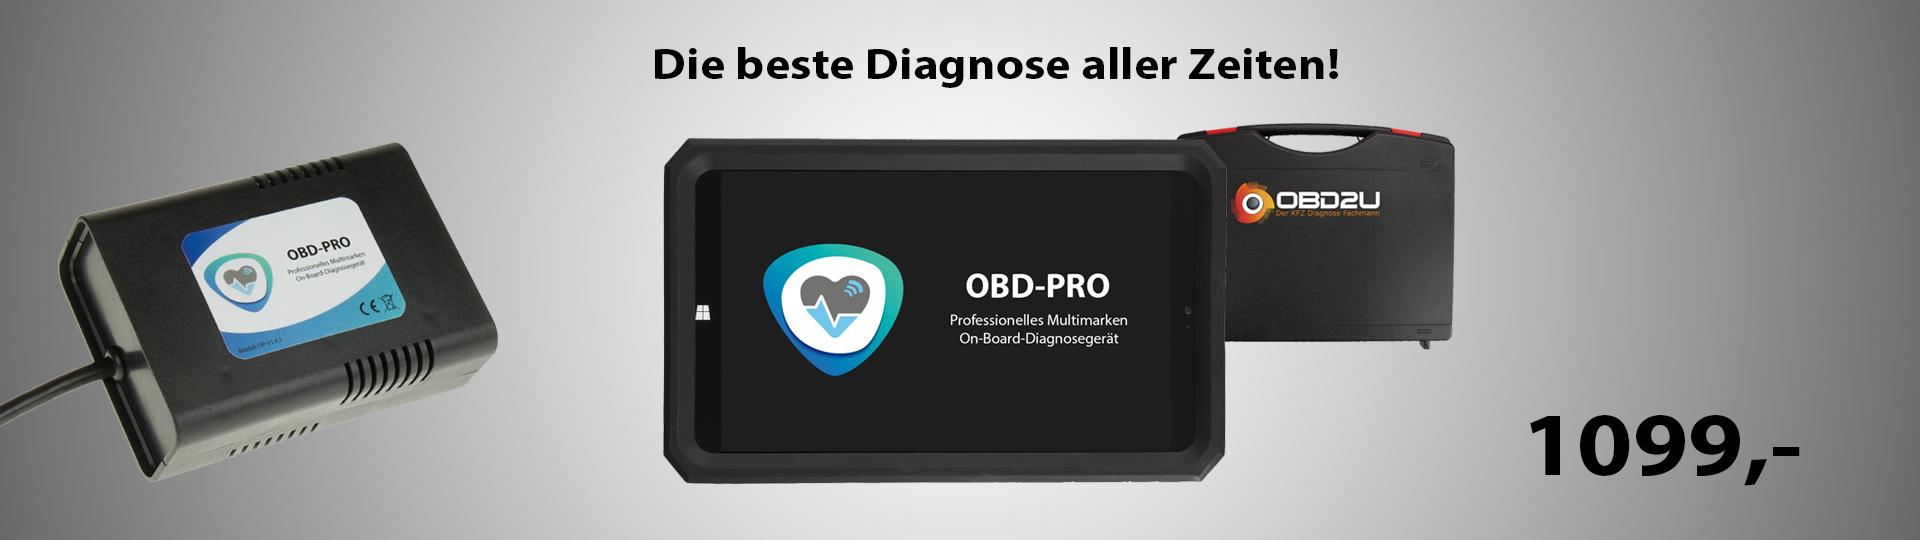 https://www.obd2u.de/media/image/98/68/58/obd2u_obd_pro_banner_2_1920x540.png